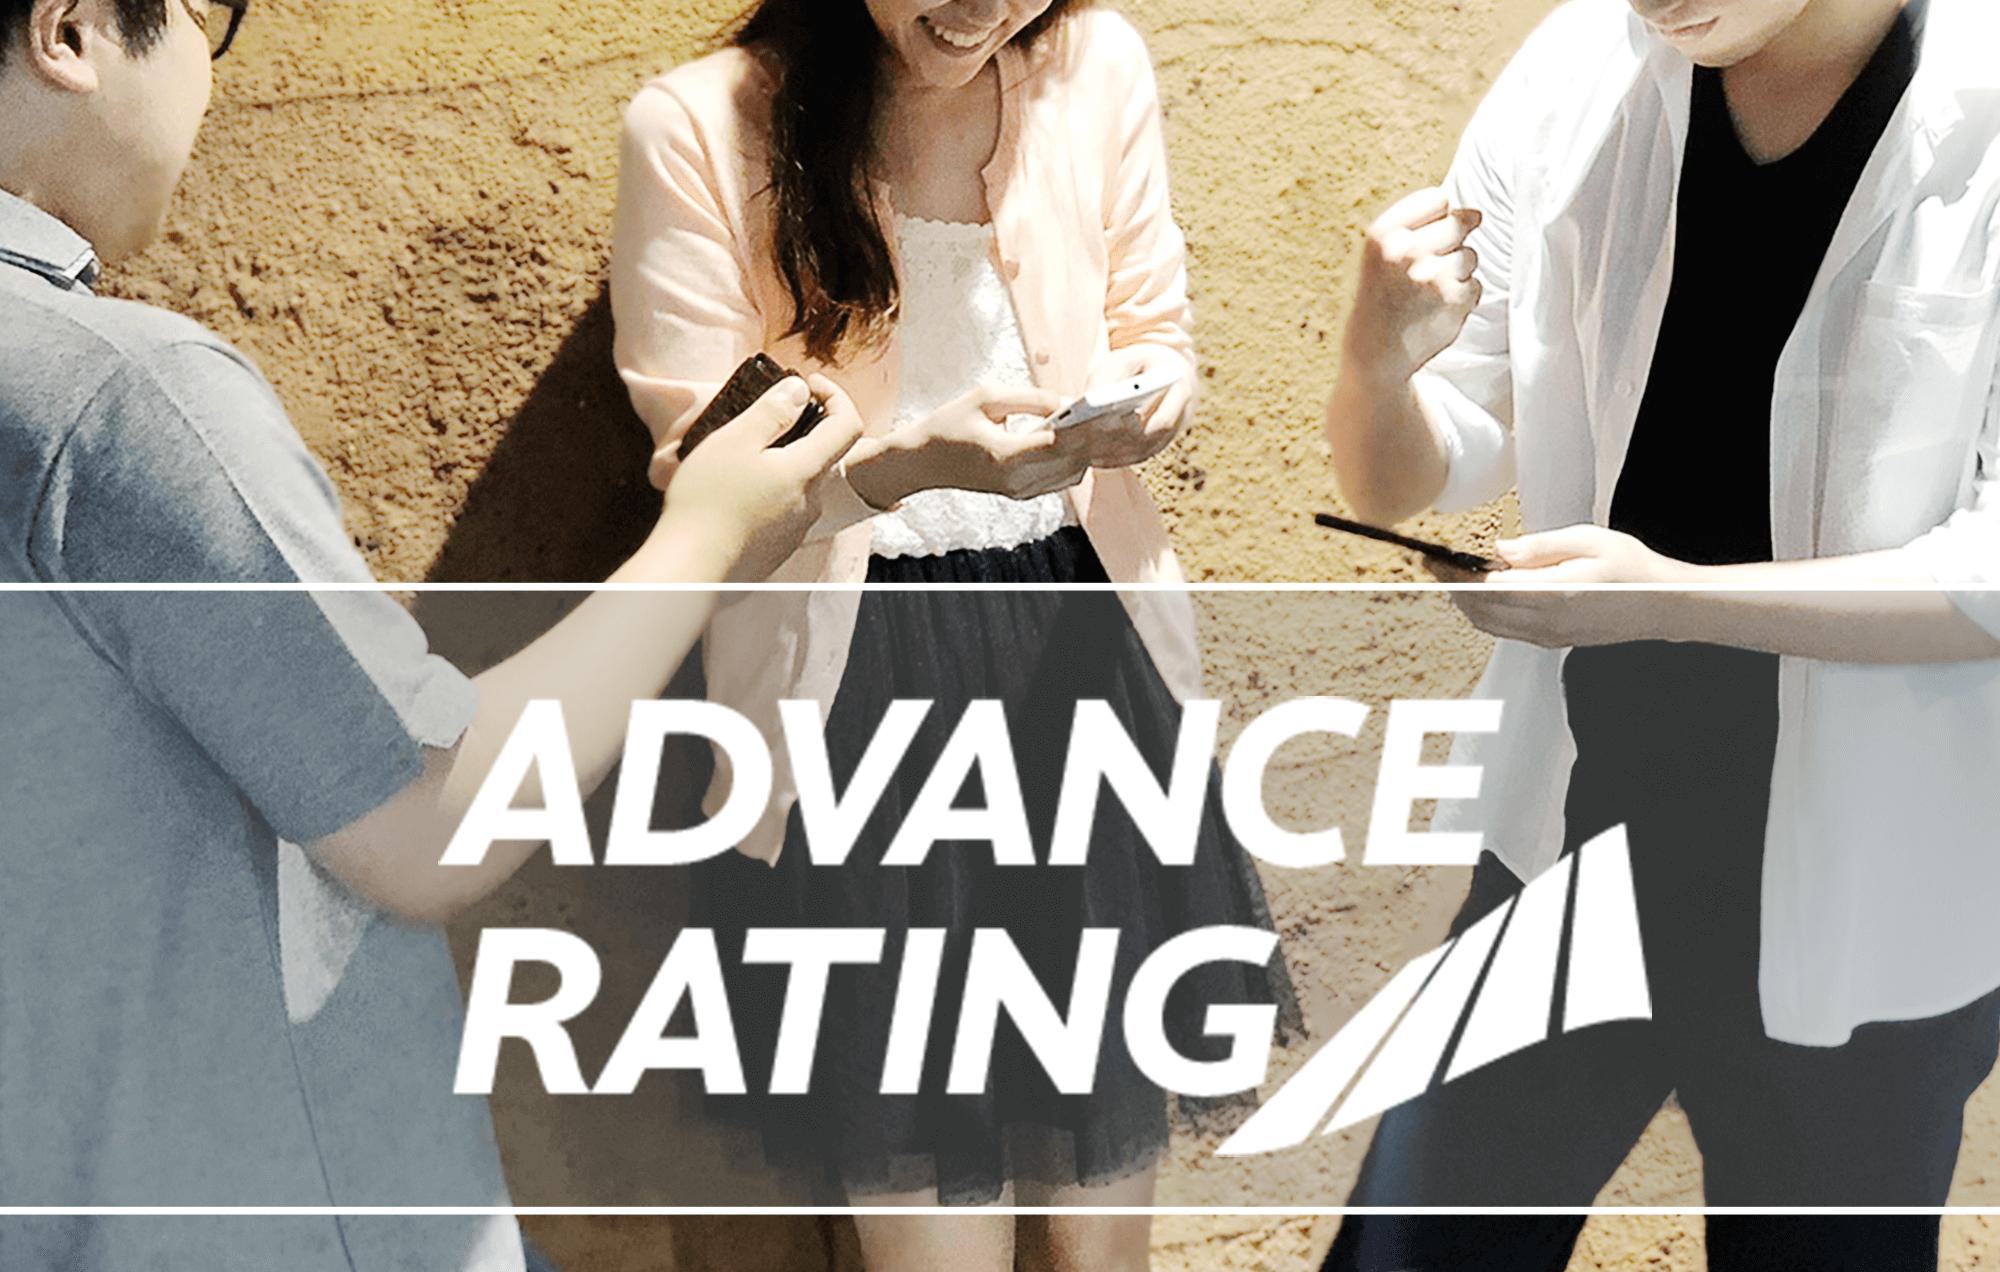 ADVANCE RATING